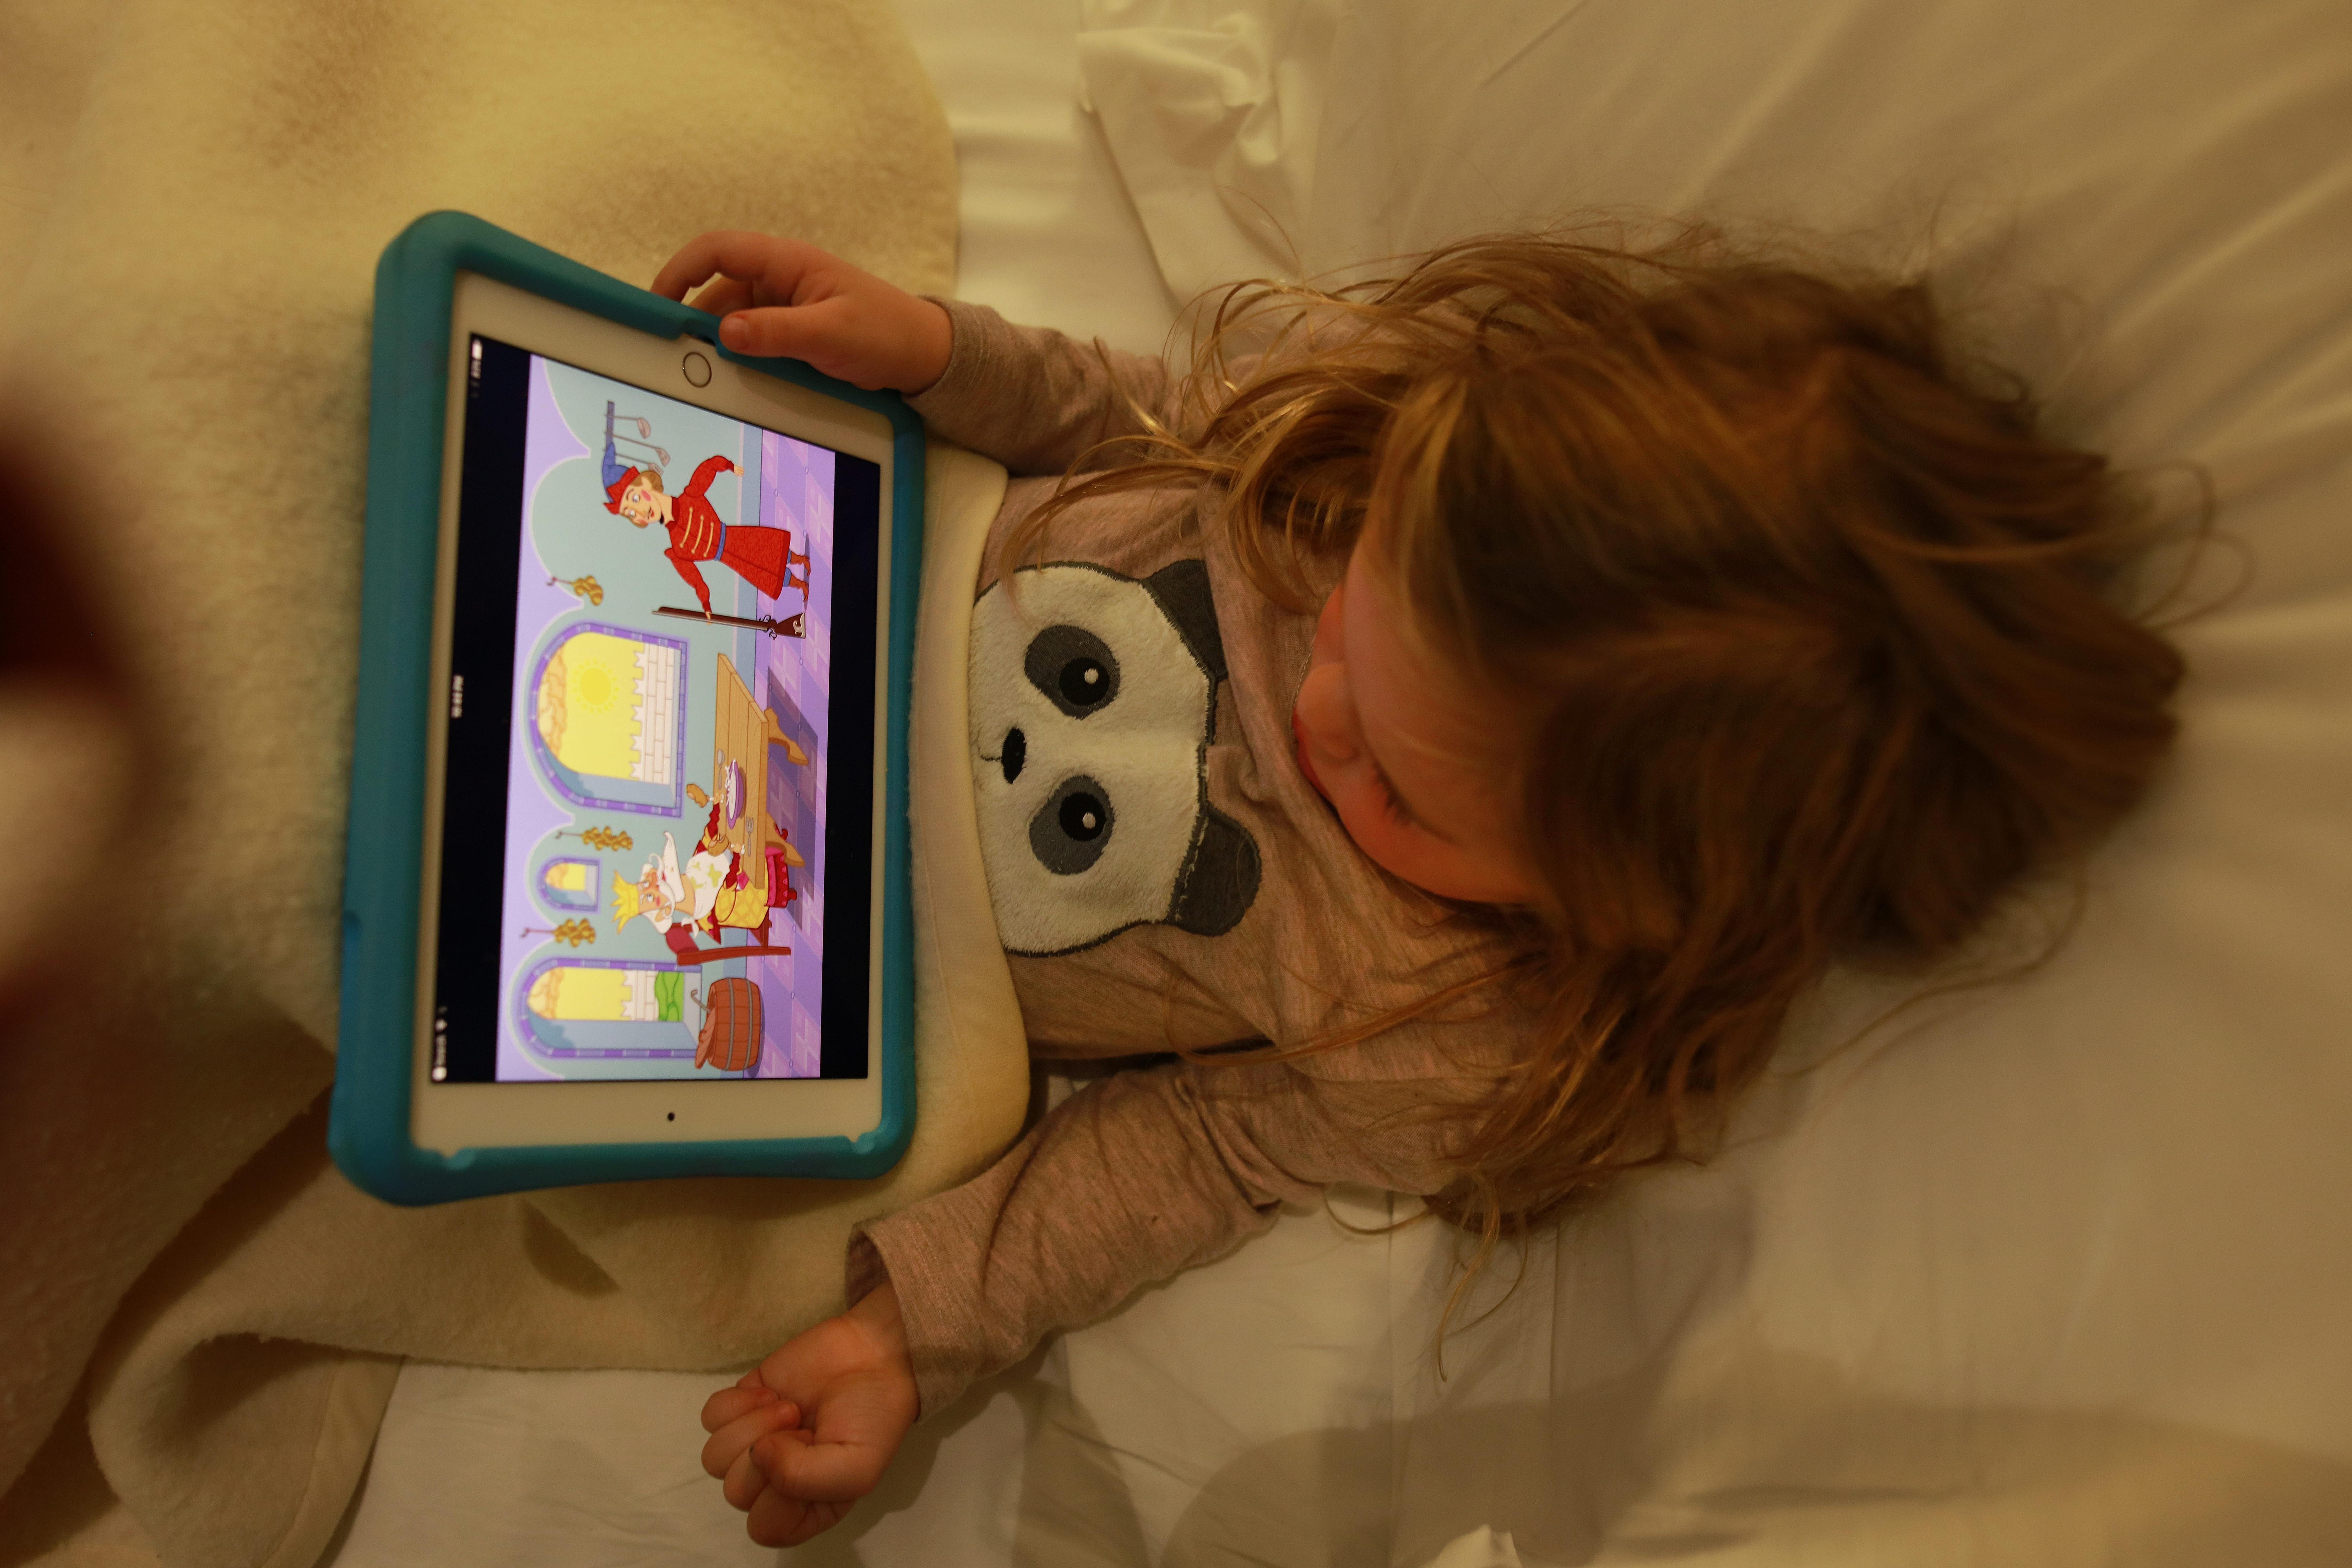 Ontwikkelingspsycholoog Steven Pont over mateloos onlinegedrag bij kinderen: 'Er is veel slap ouderschap'